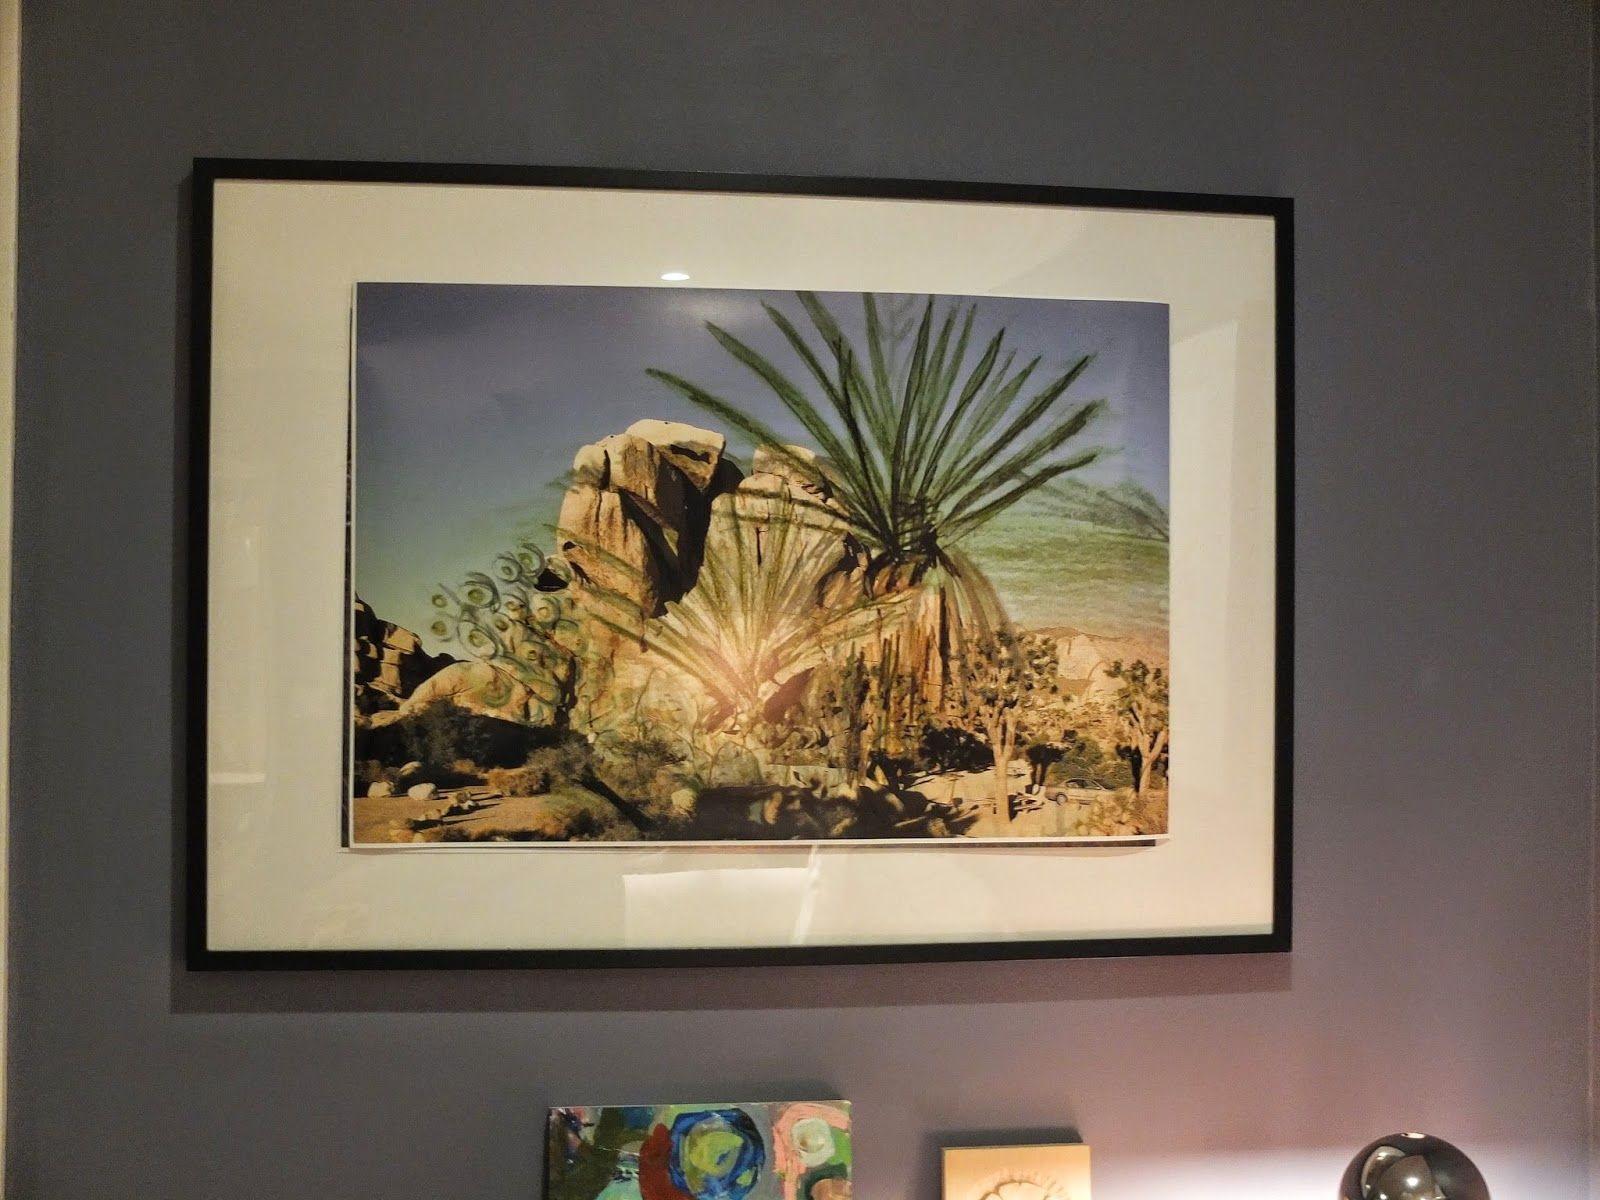 Magnificent Frames 20x30 Frieze - Framed Art Ideas - roadofriches.com